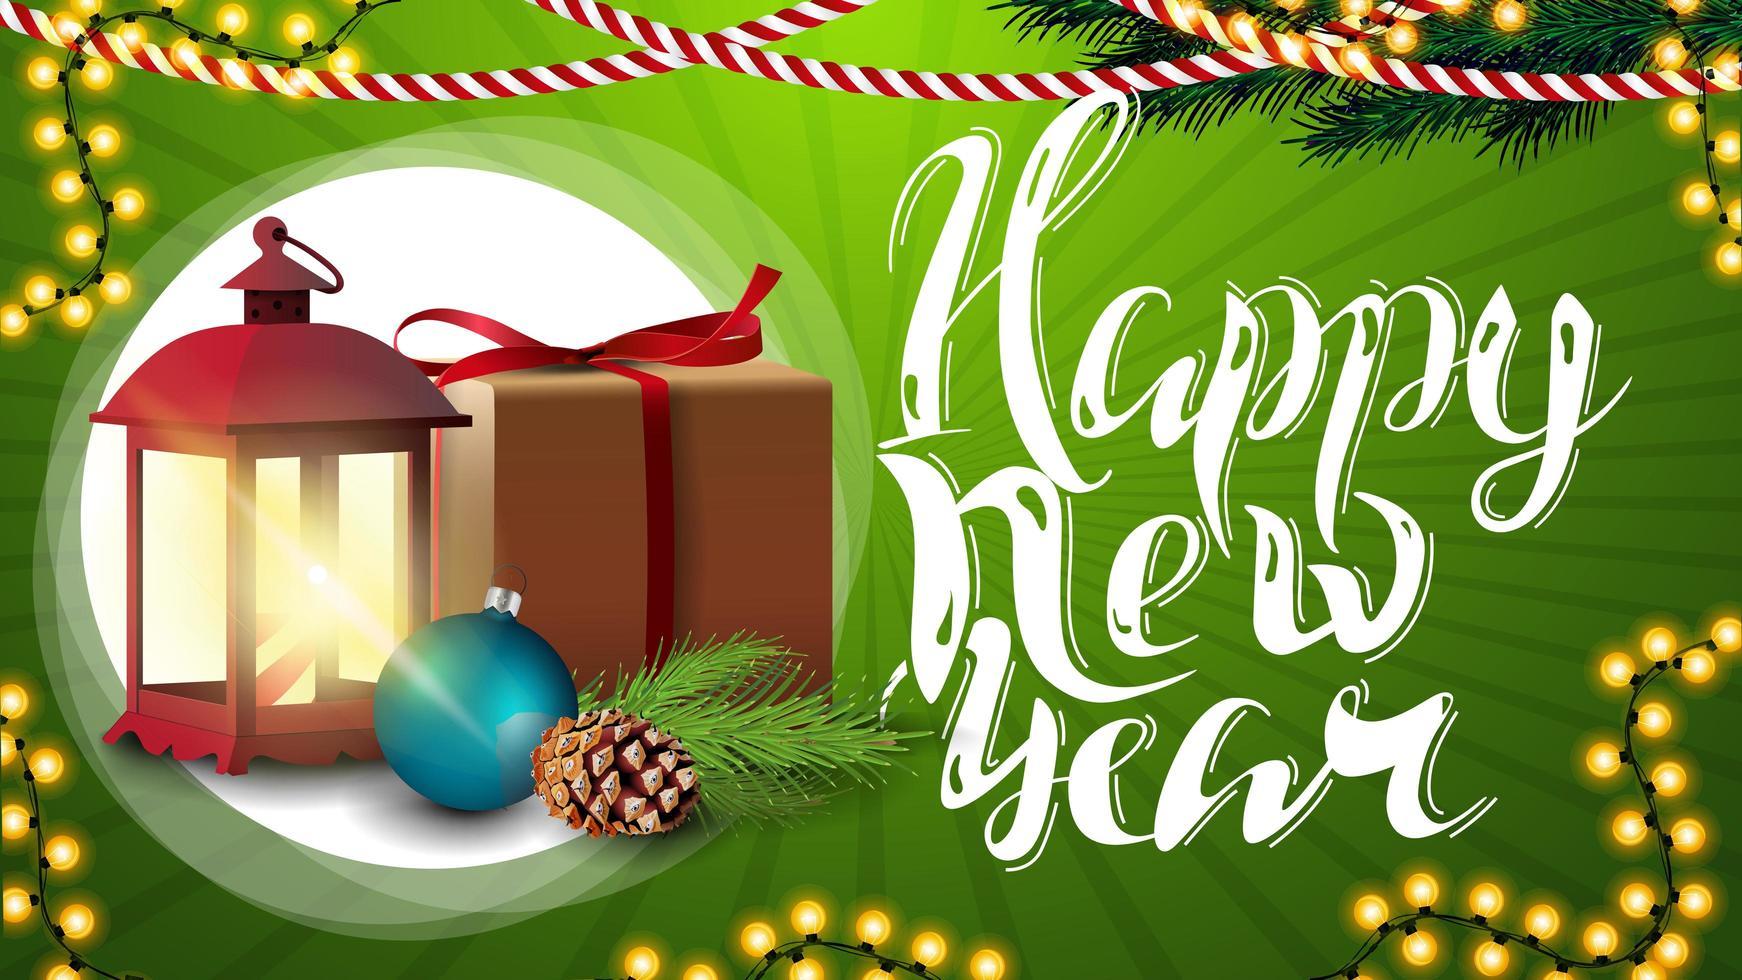 feliz ano novo, cartão verde horizontal com lindas letras, guirlanda, presente, lanterna vintage, galho de árvore de natal com um cone e uma bola de natal vetor